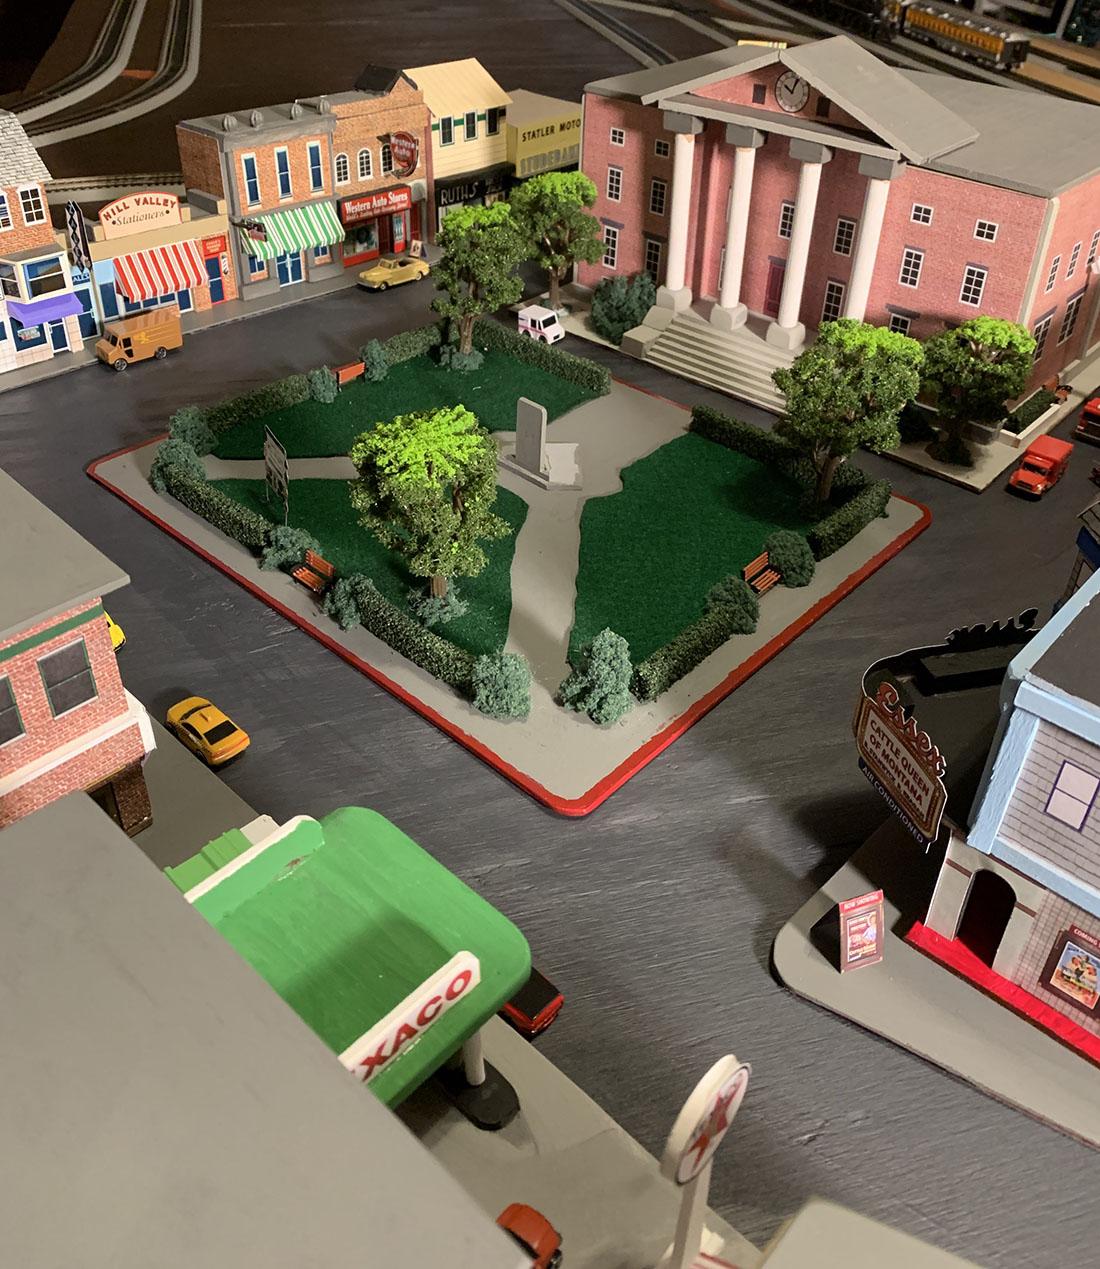 HO scale street scene